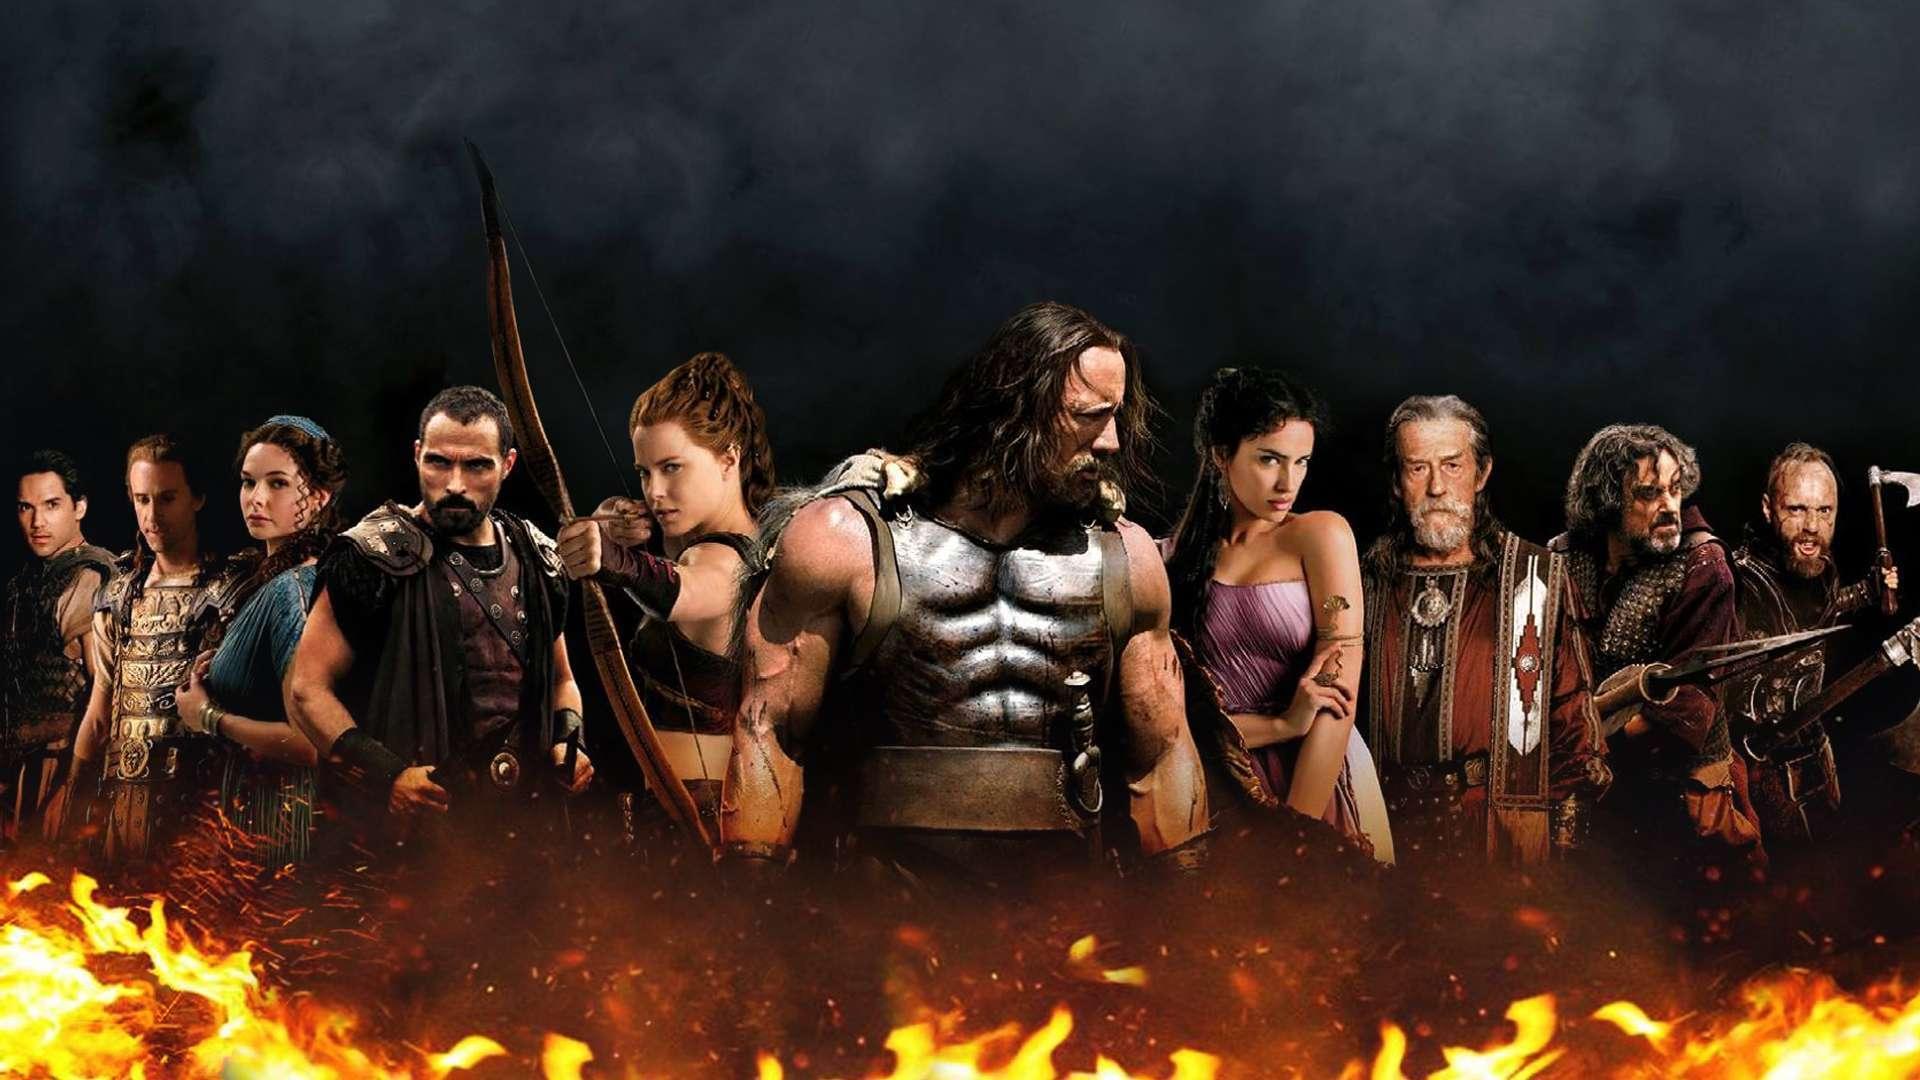 Hercules cast